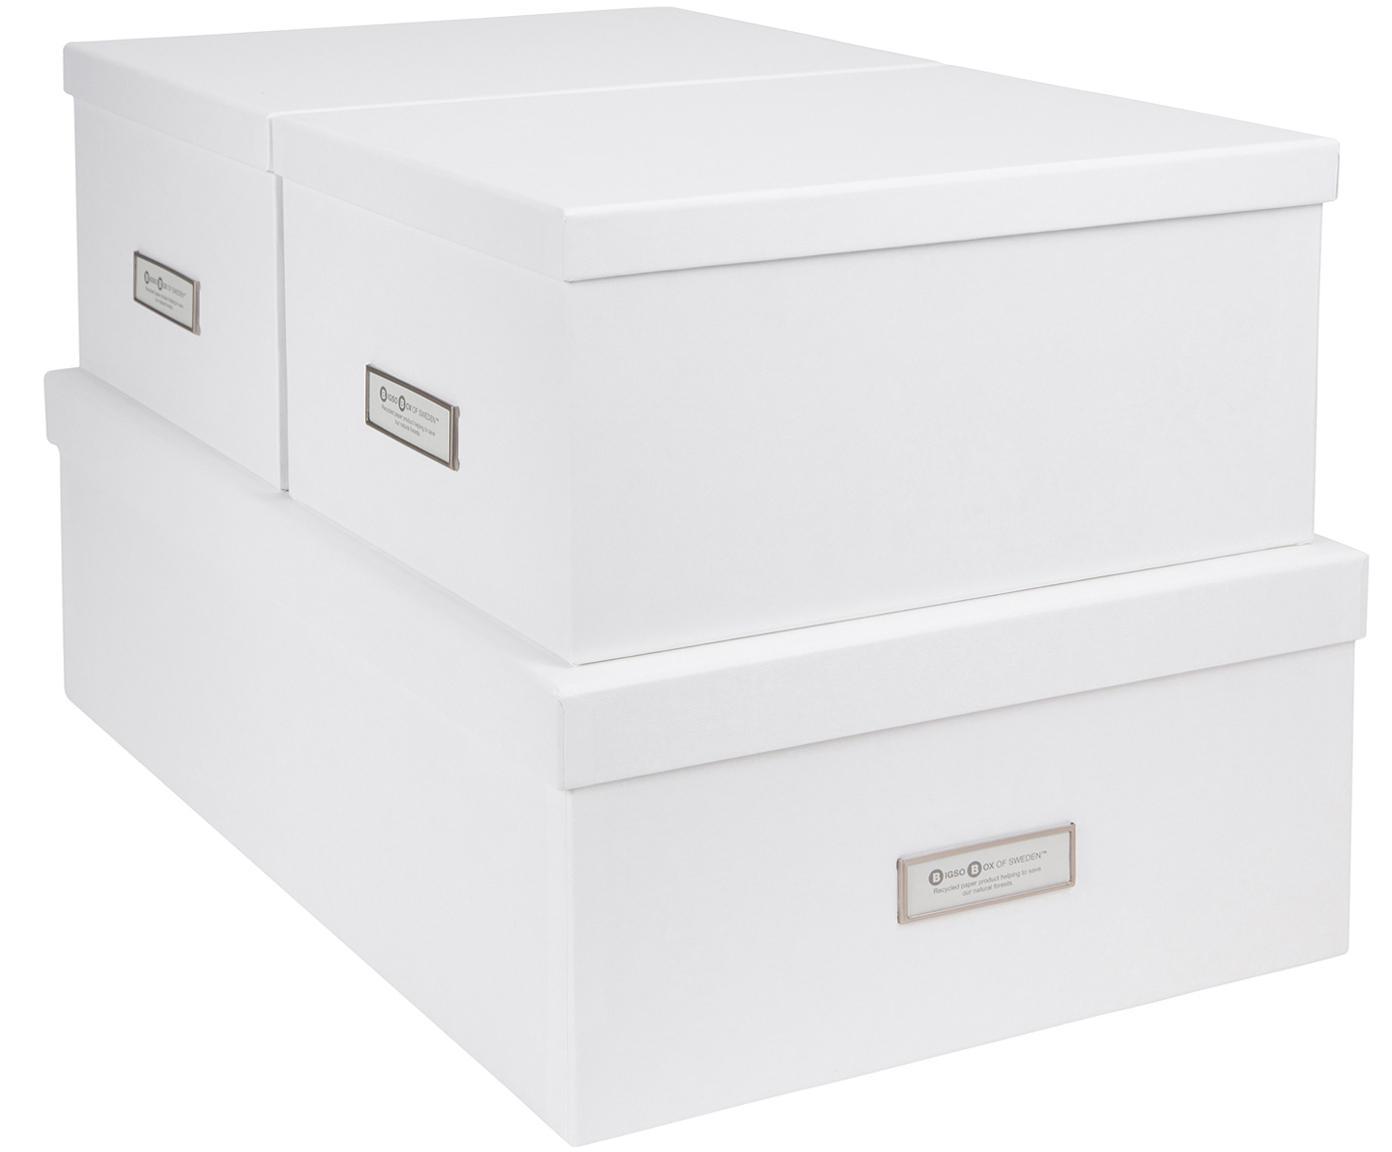 Set de cajas Inge, 3pzas., Caja: cartón laminado, Blanco, Tamaños diferentes